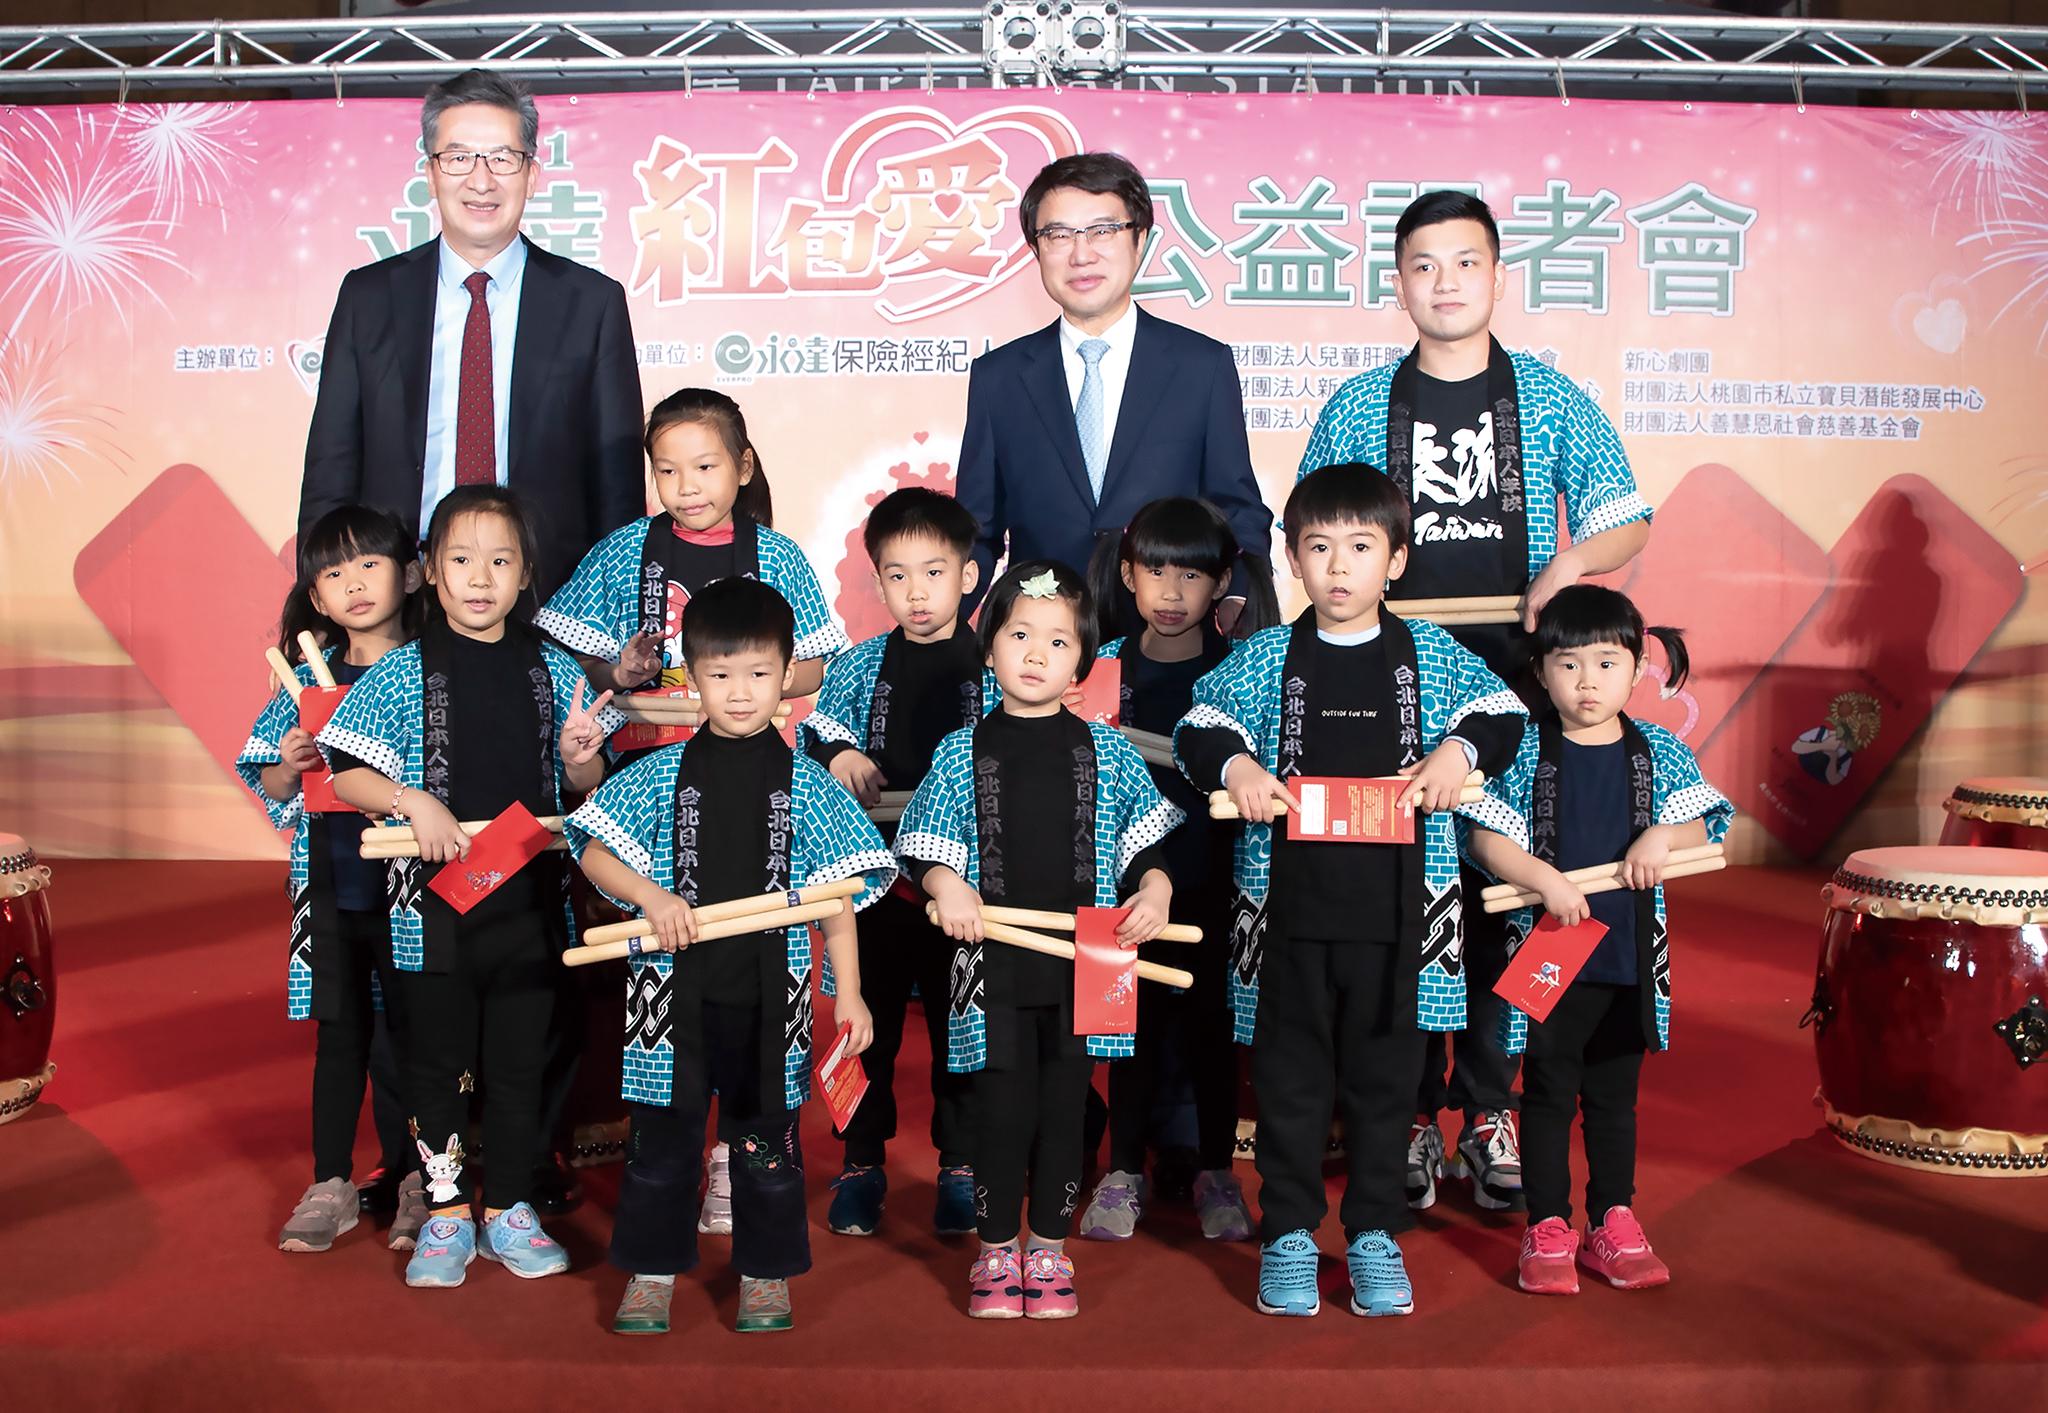 開場表演由熊谷新之助老師(圖右後)和太鼓熊組兒童班熱鬧開場。